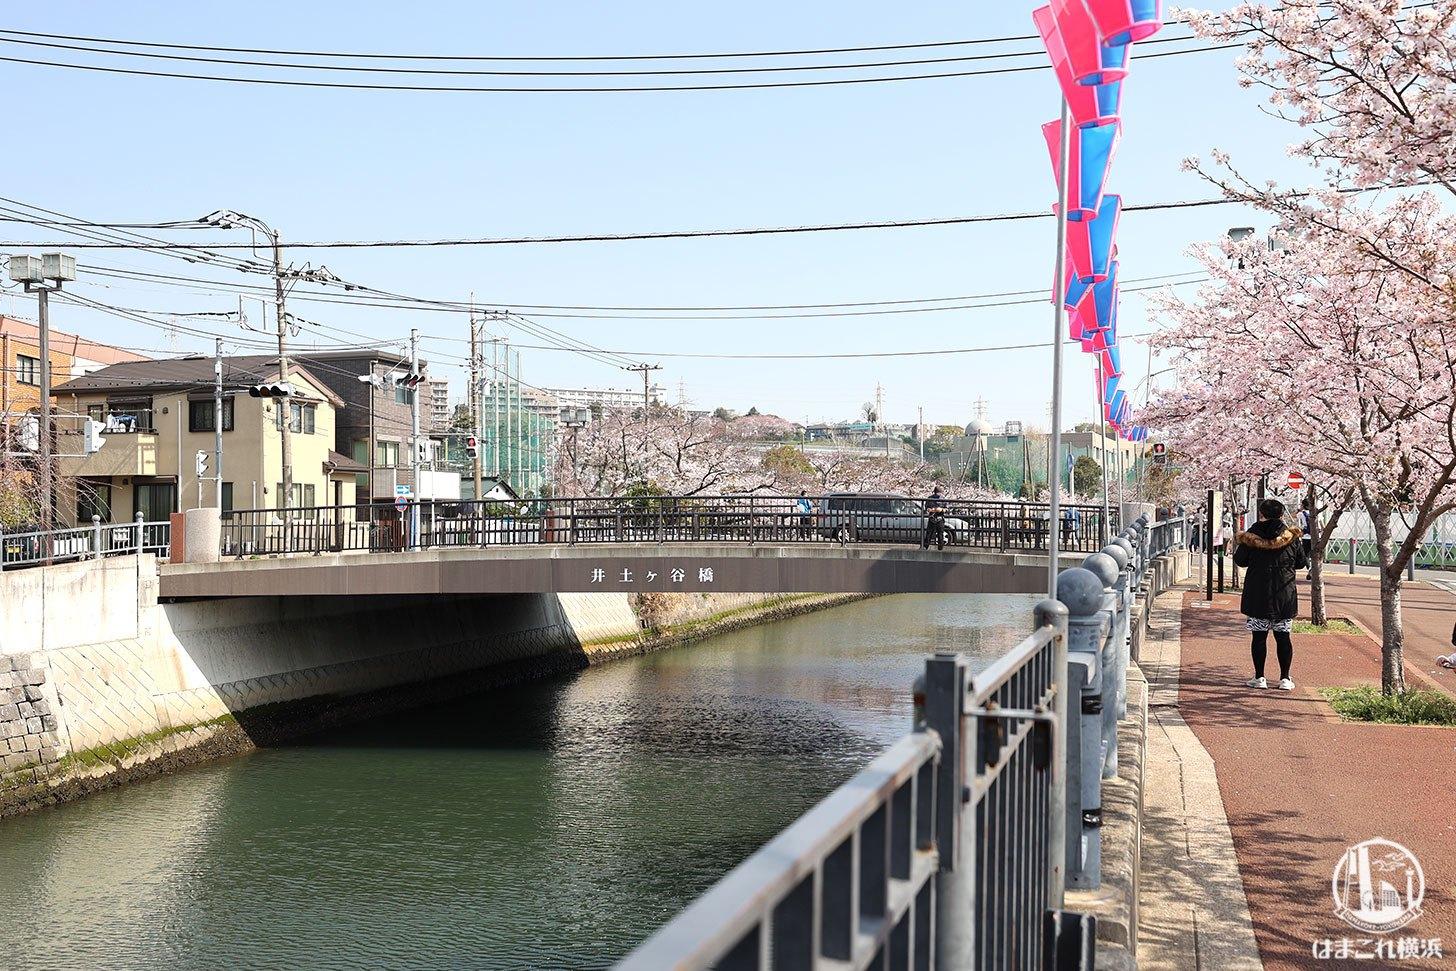 井土ヶ谷橋